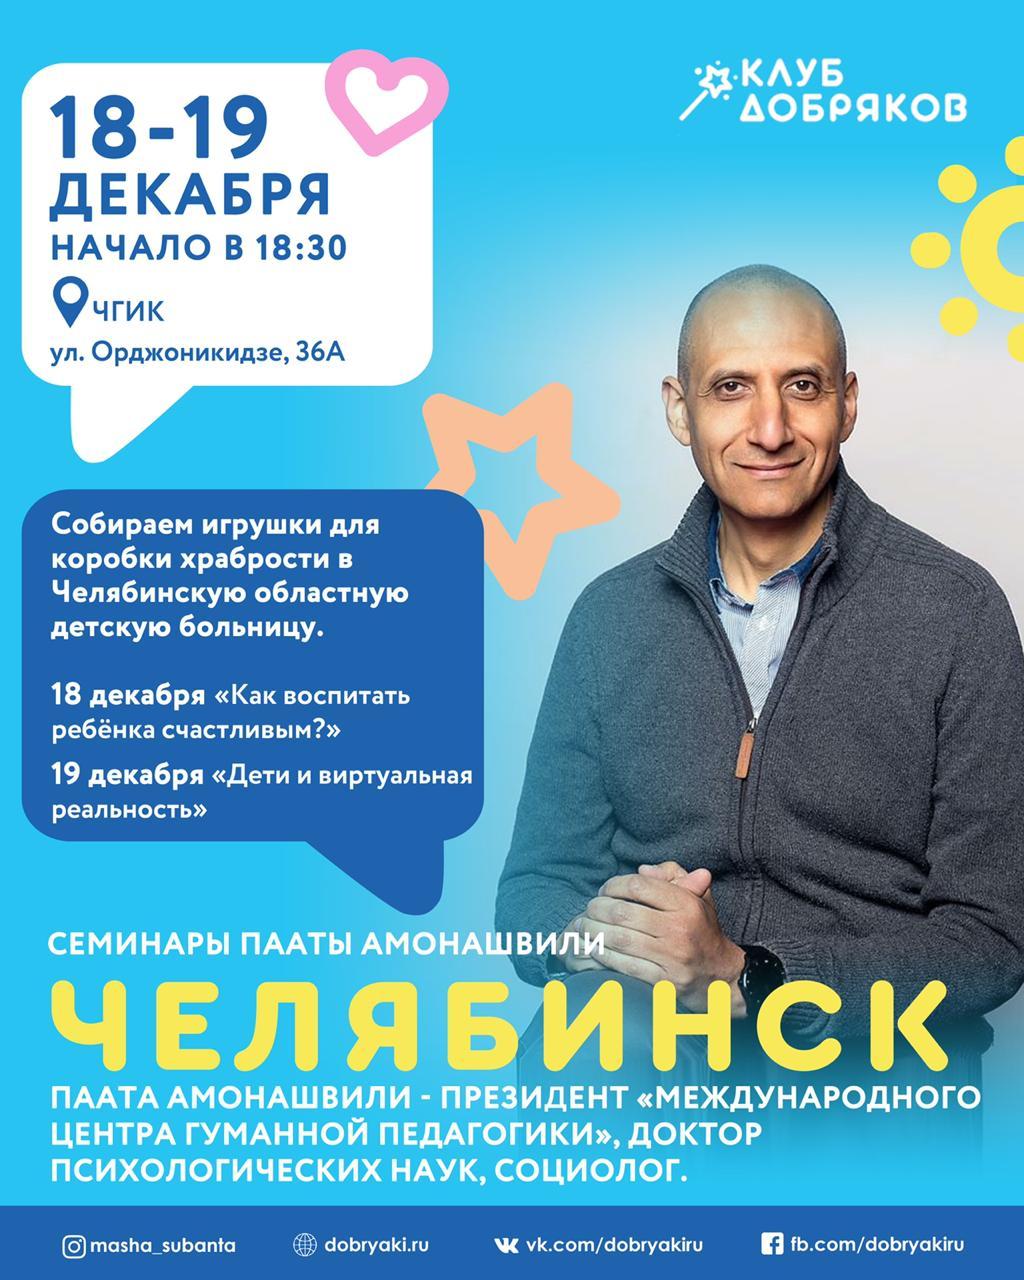 В Челябинске пройдут семинары Пааты Амонашвили